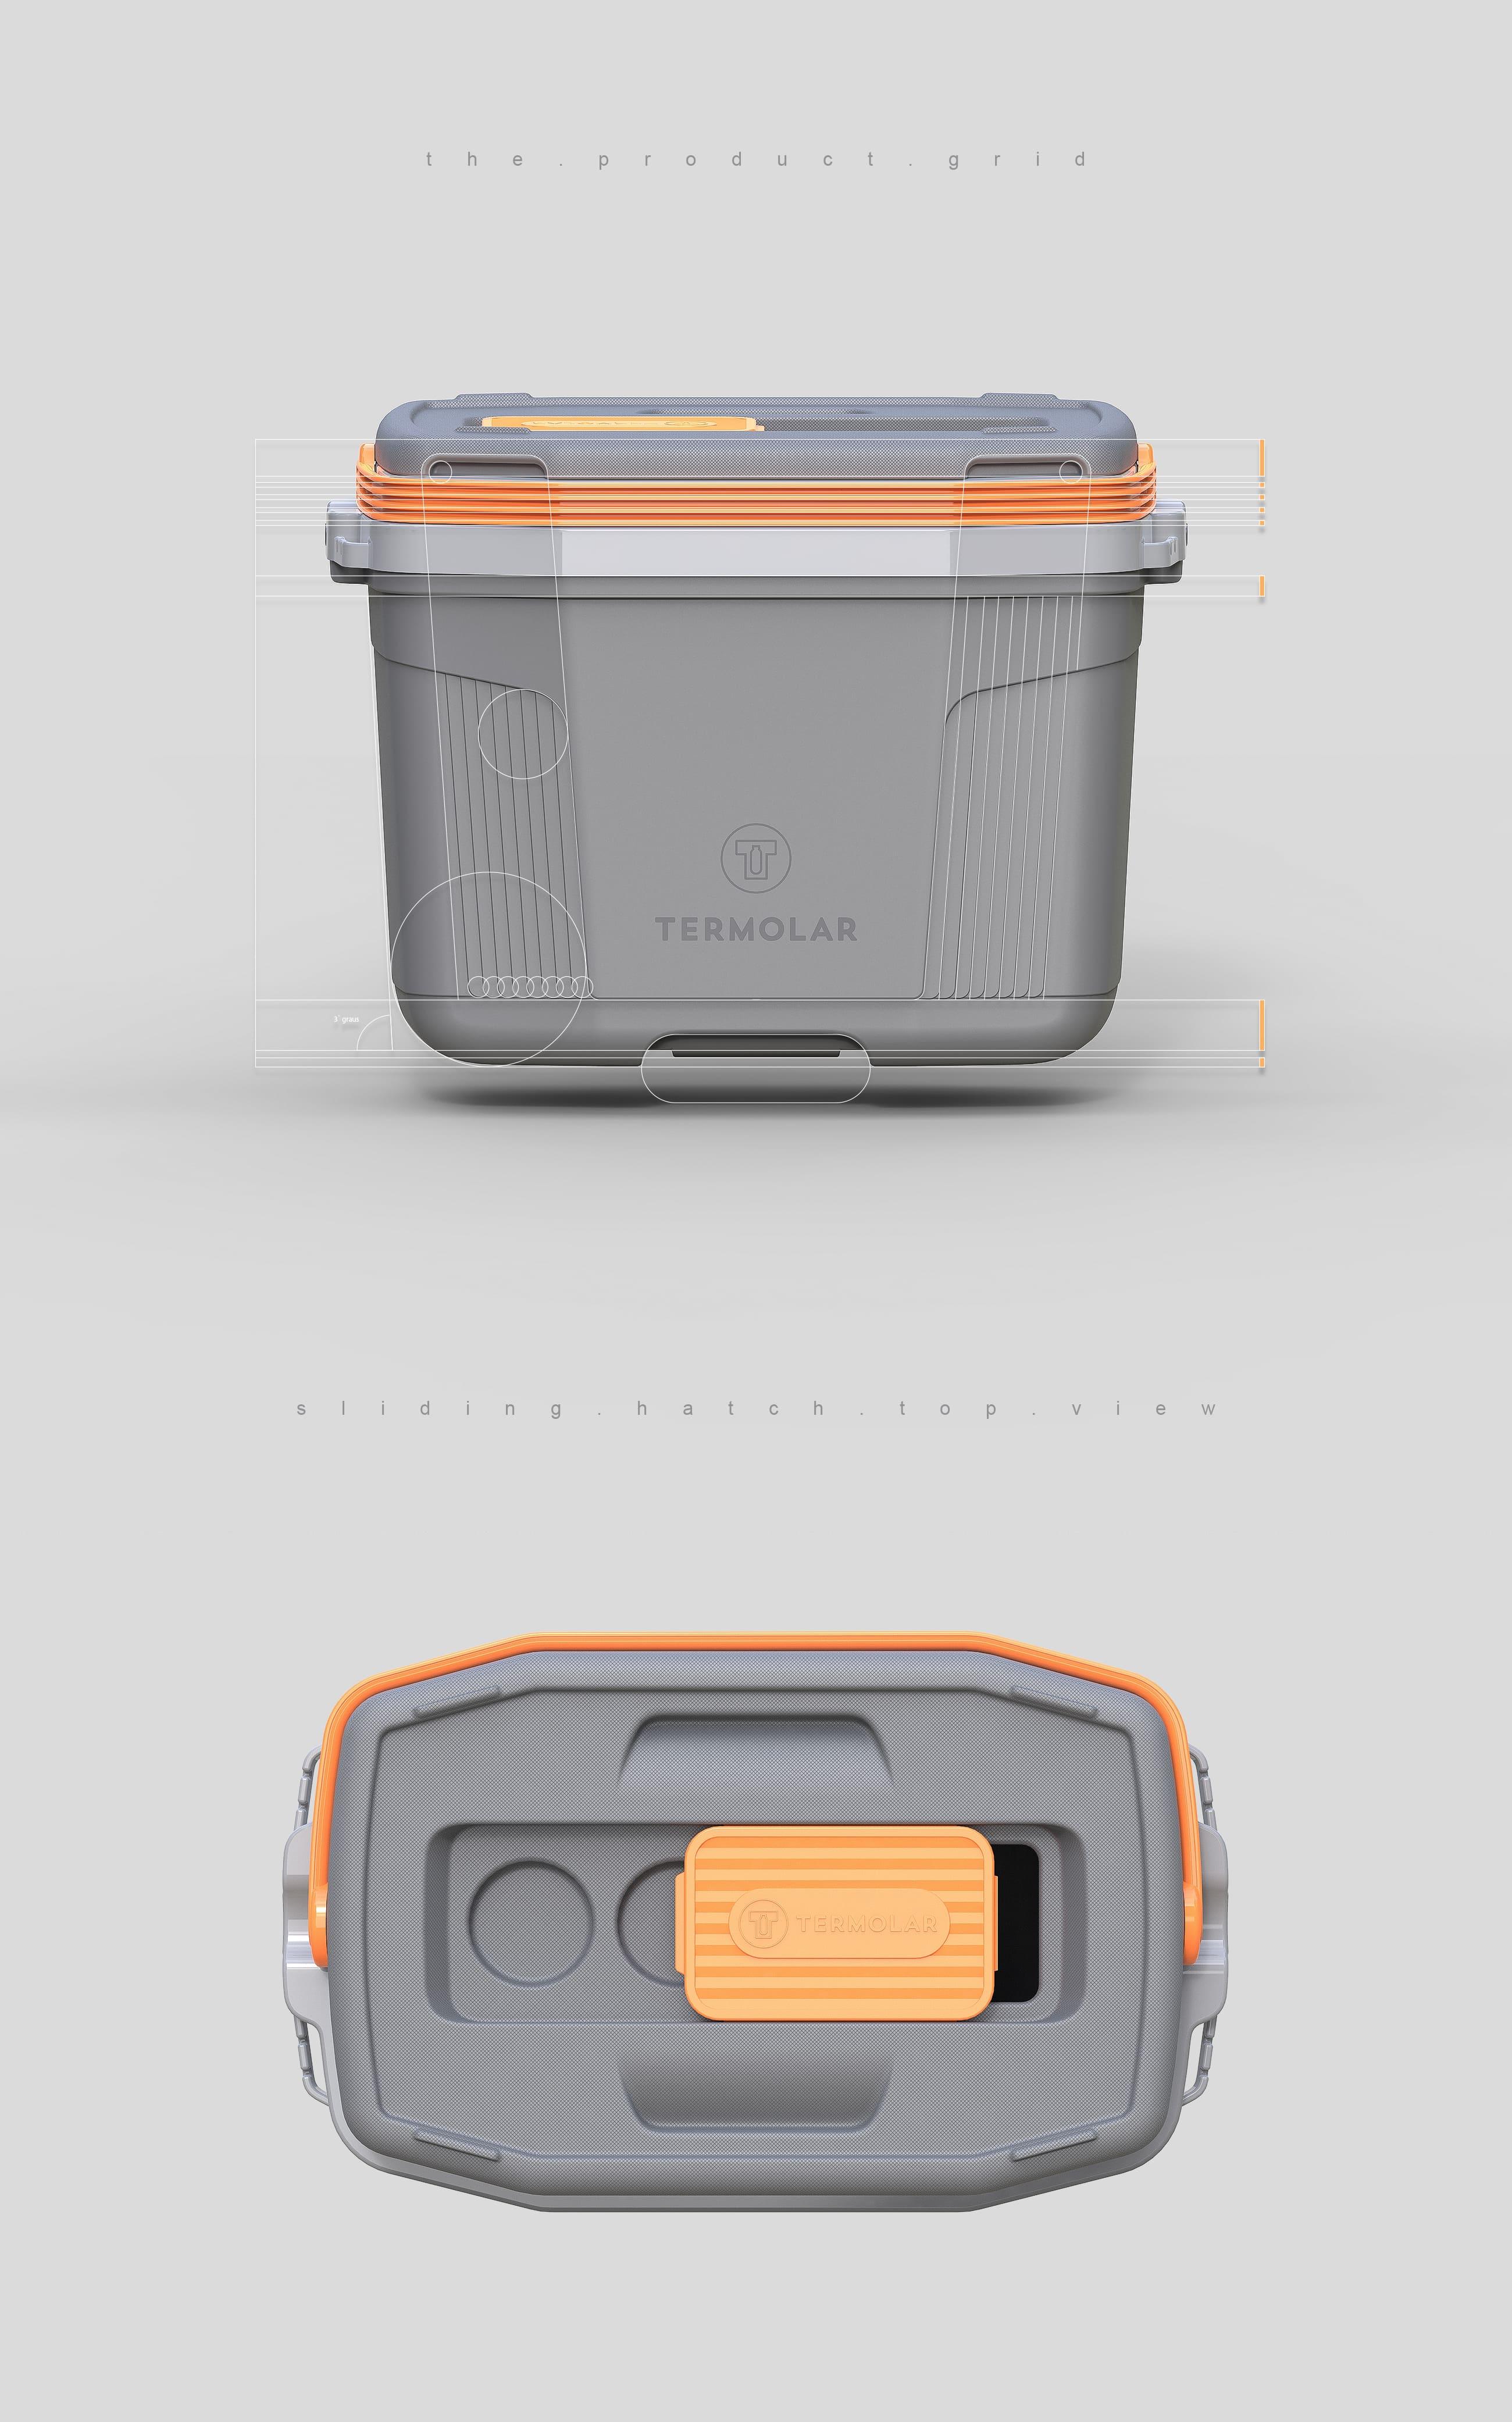 design-de-produto-termolar-valkiria-003